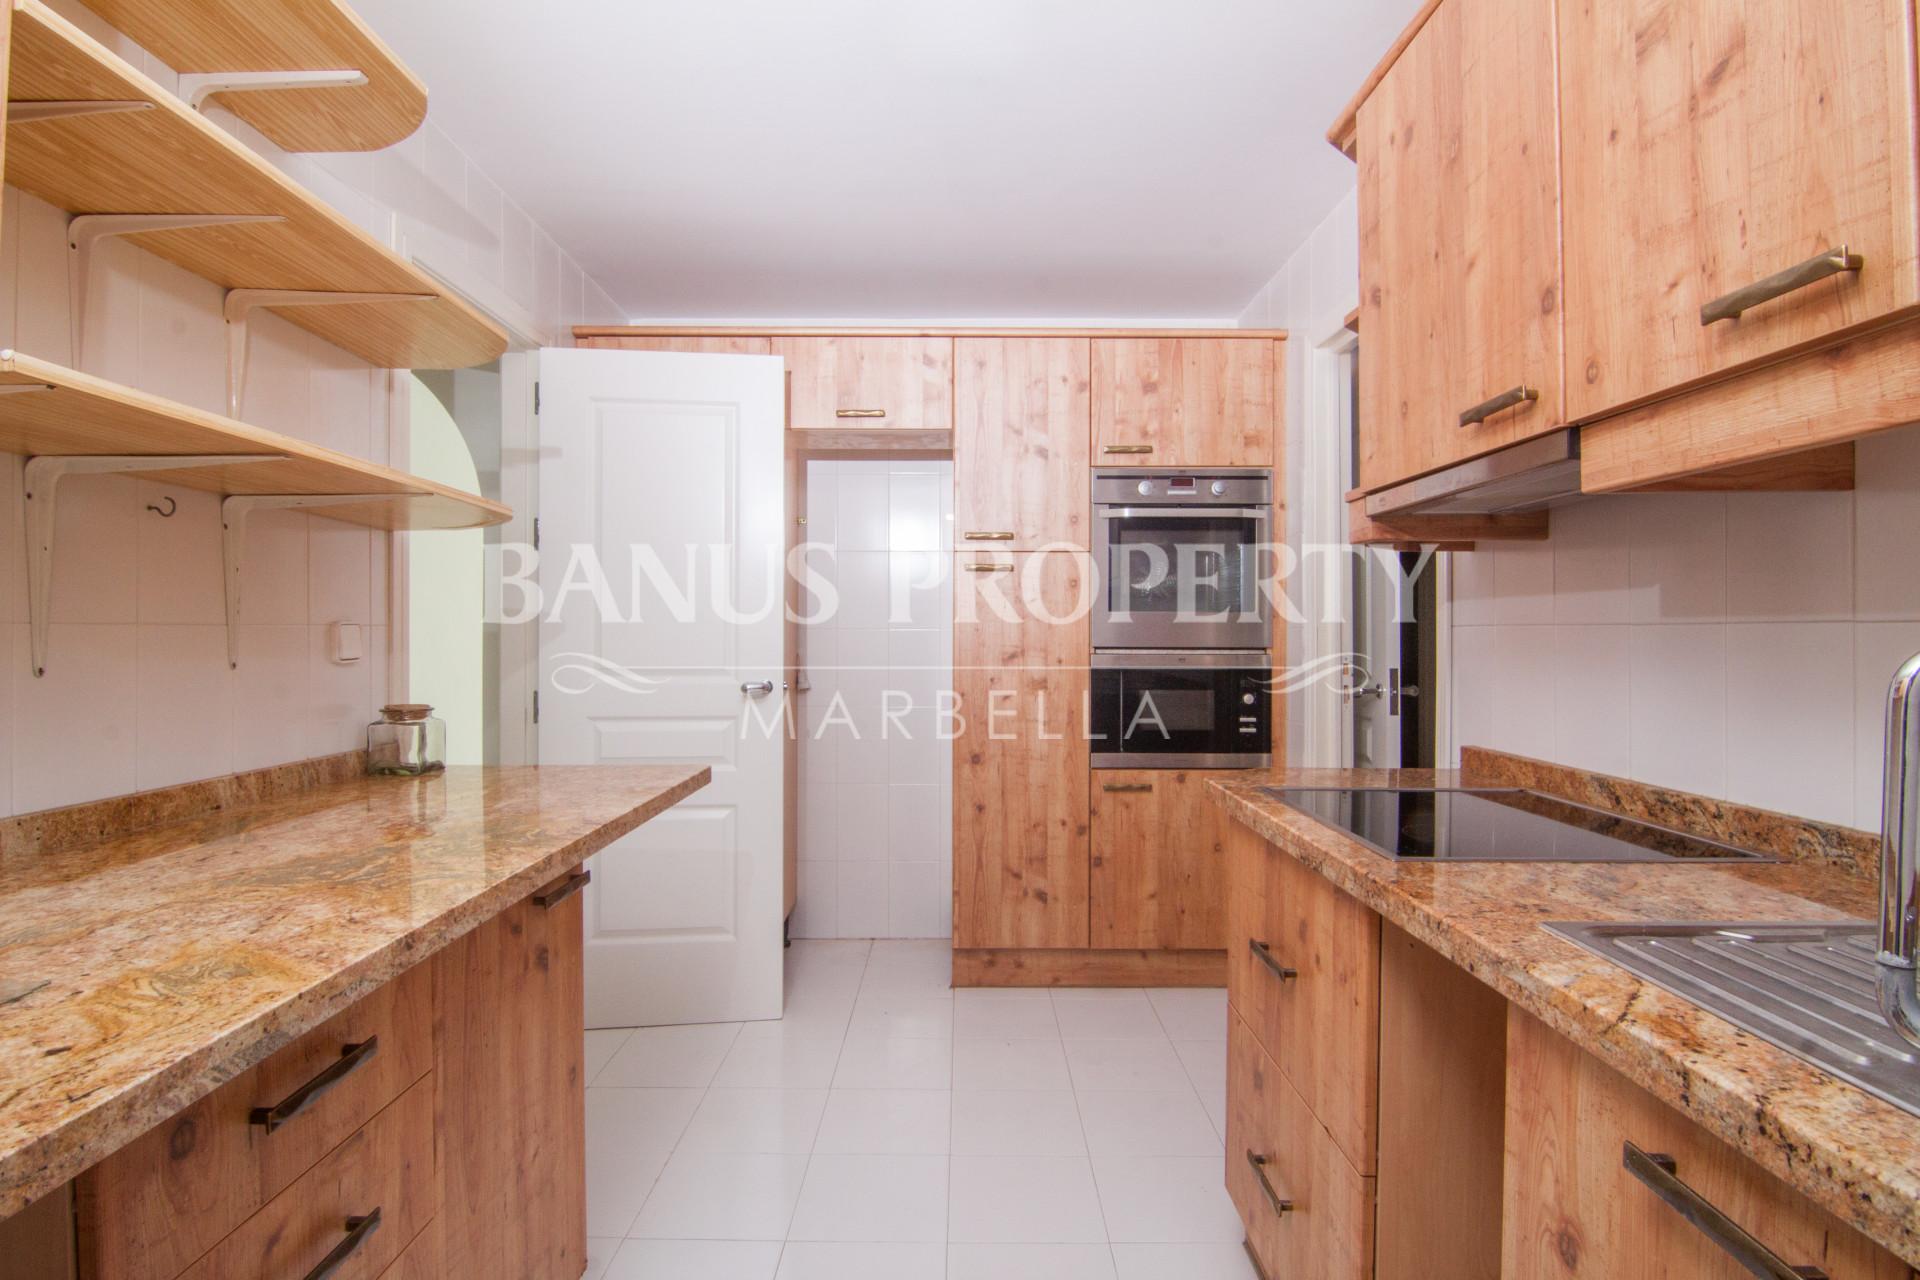 Three-bedroom third floor apartment for sale in Edificio Malaga, Puerto Banús